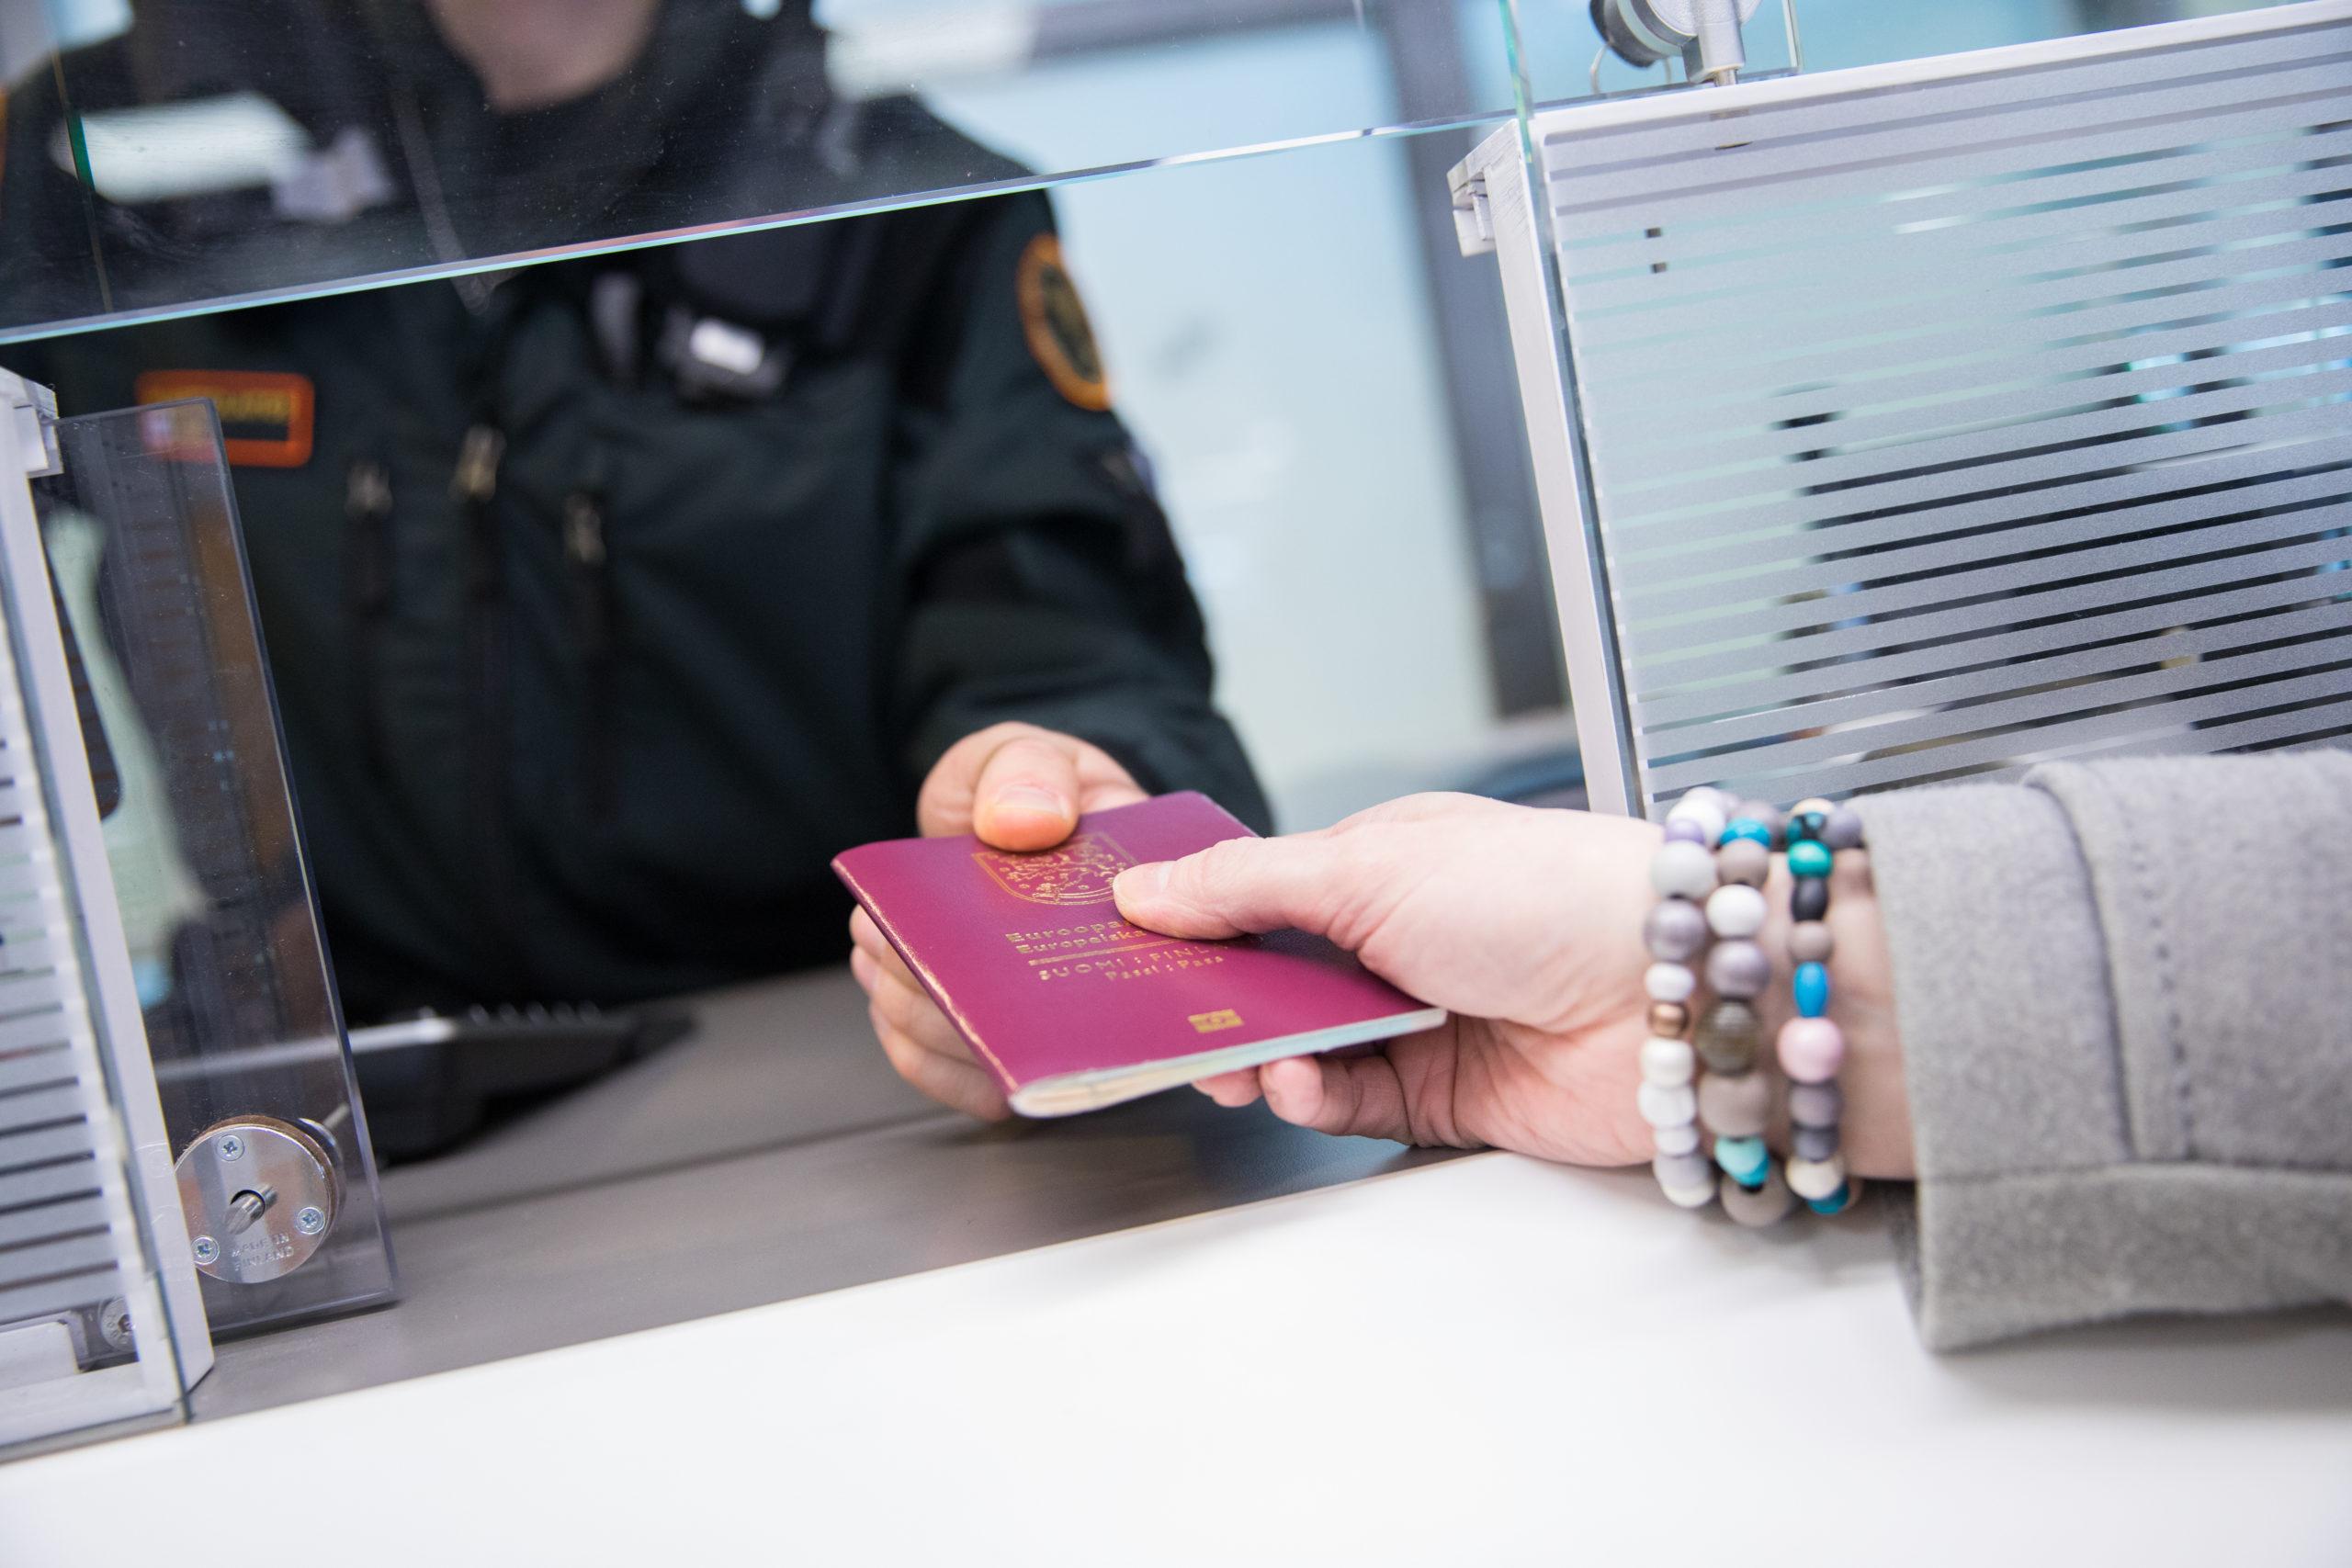 Passintarkastus ja turvatarkastus lentokentällä